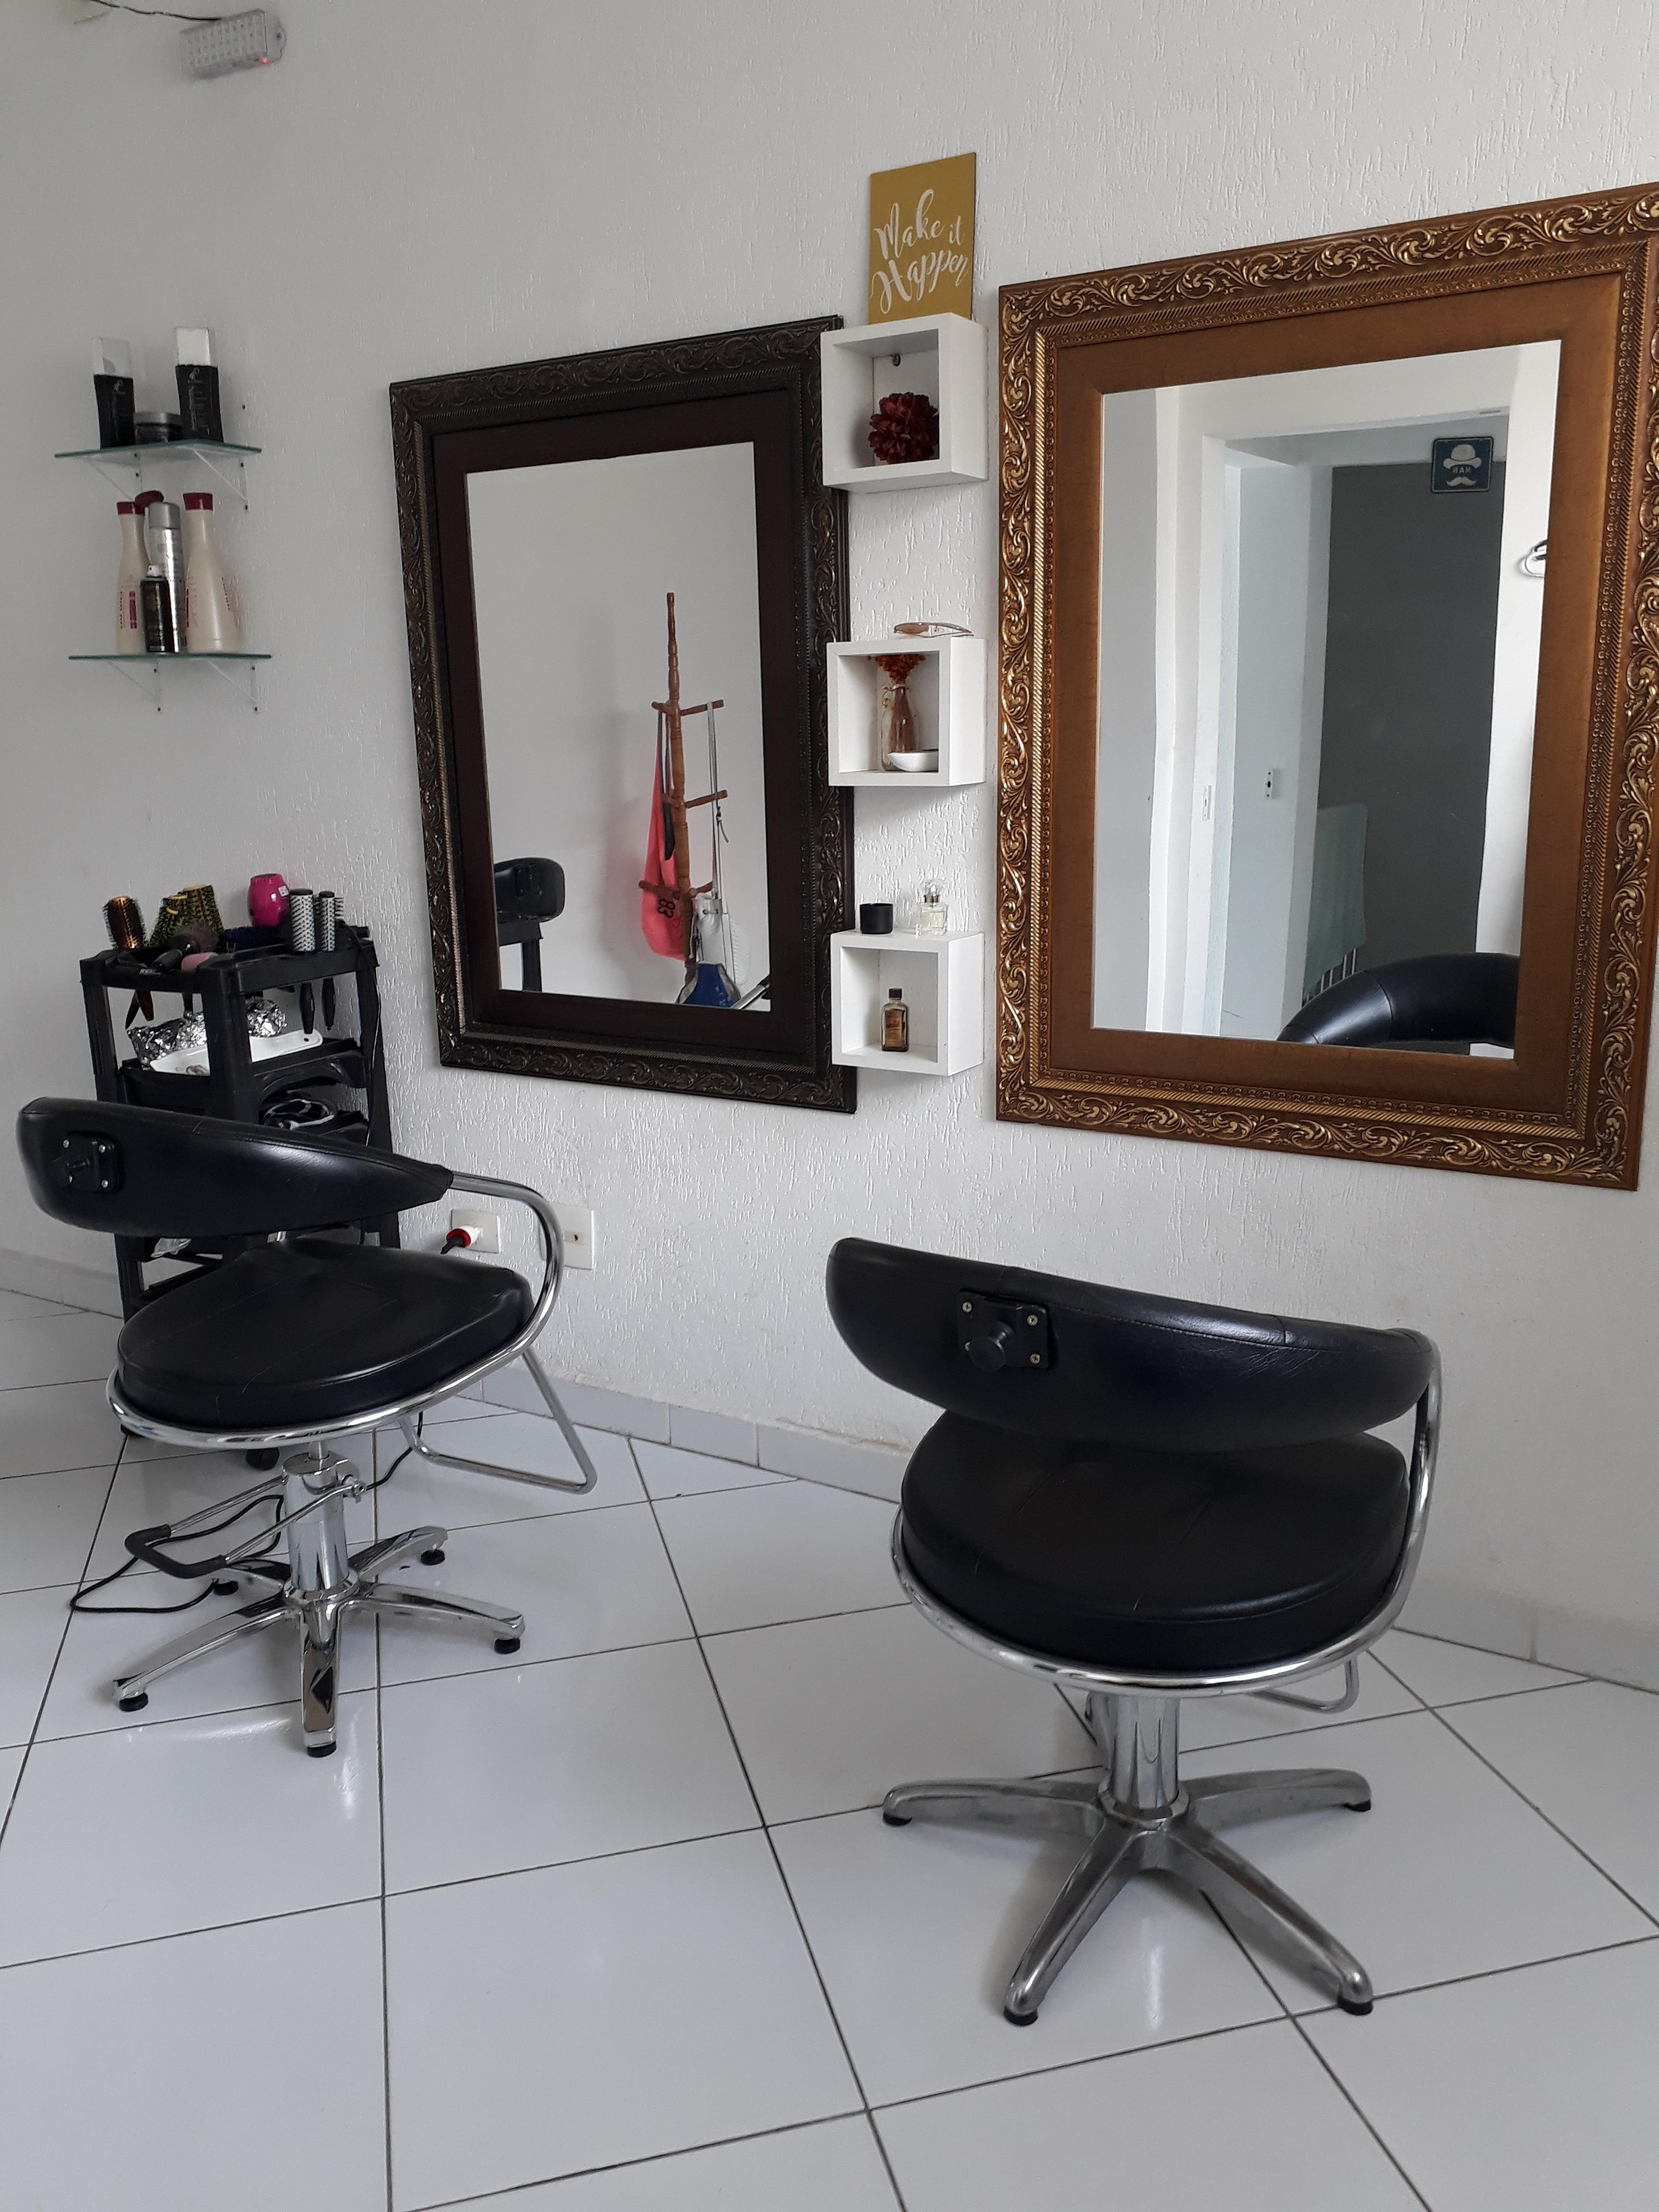 Cadeira disponível para locação....lucros de  100% para profissionais com carteira de clientes....ótima oportunidade...valor fixo do aluguel da cadeira ....trabalhe nos dias e horários que quiser!...ótima localização no Tatuapé.  cabelo cabeleireiro(a) maquiador(a)